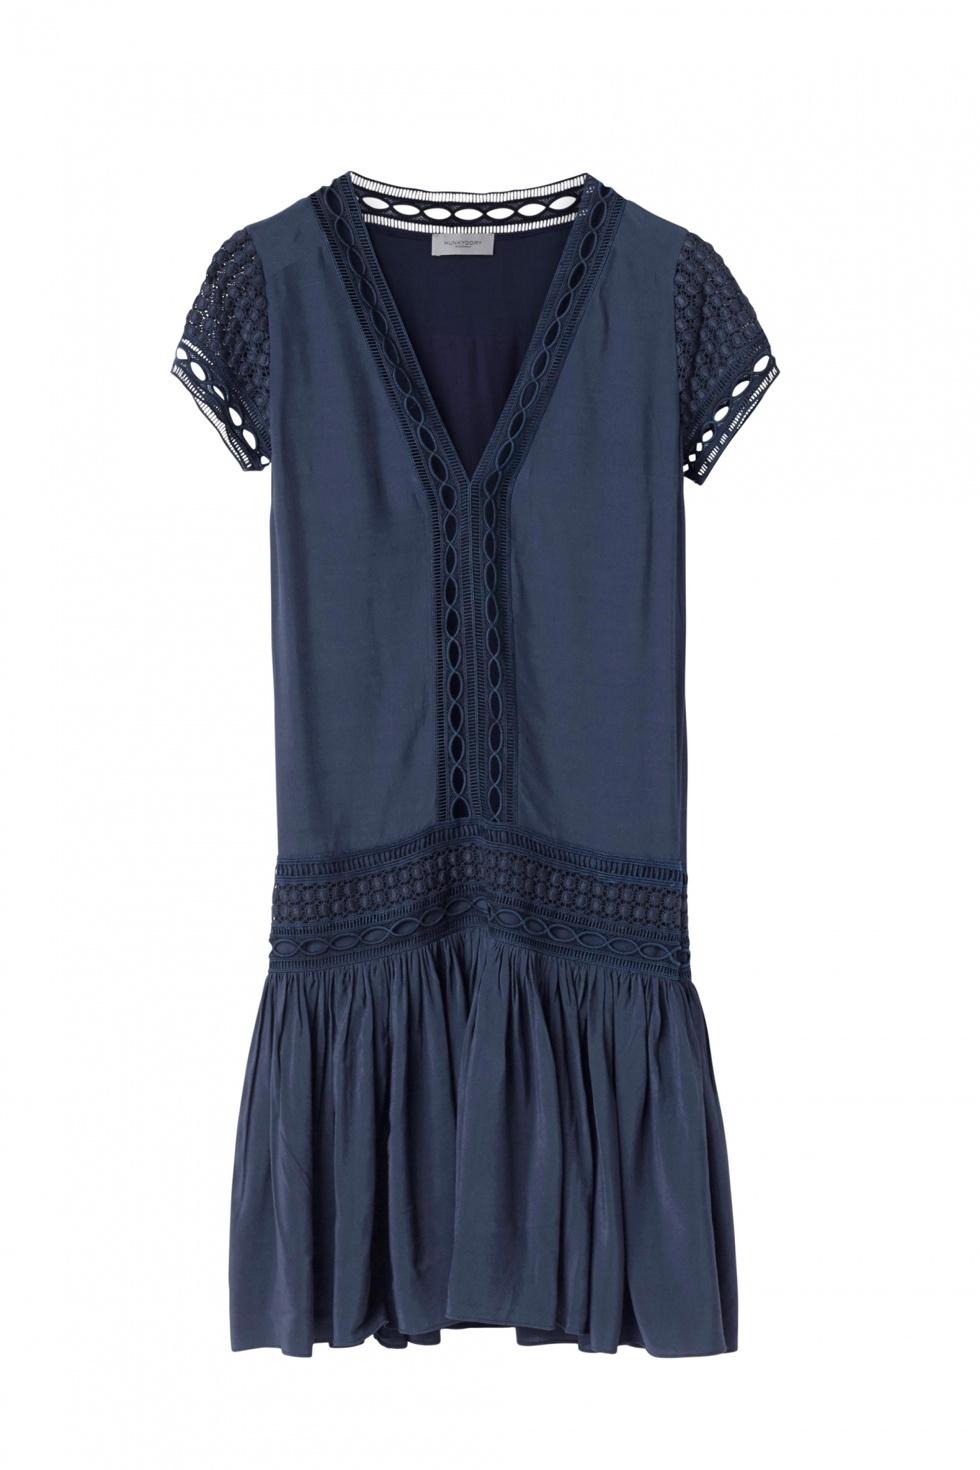 919_508f478892-16232440045-4-hunkydory-moraga-dress-zoom